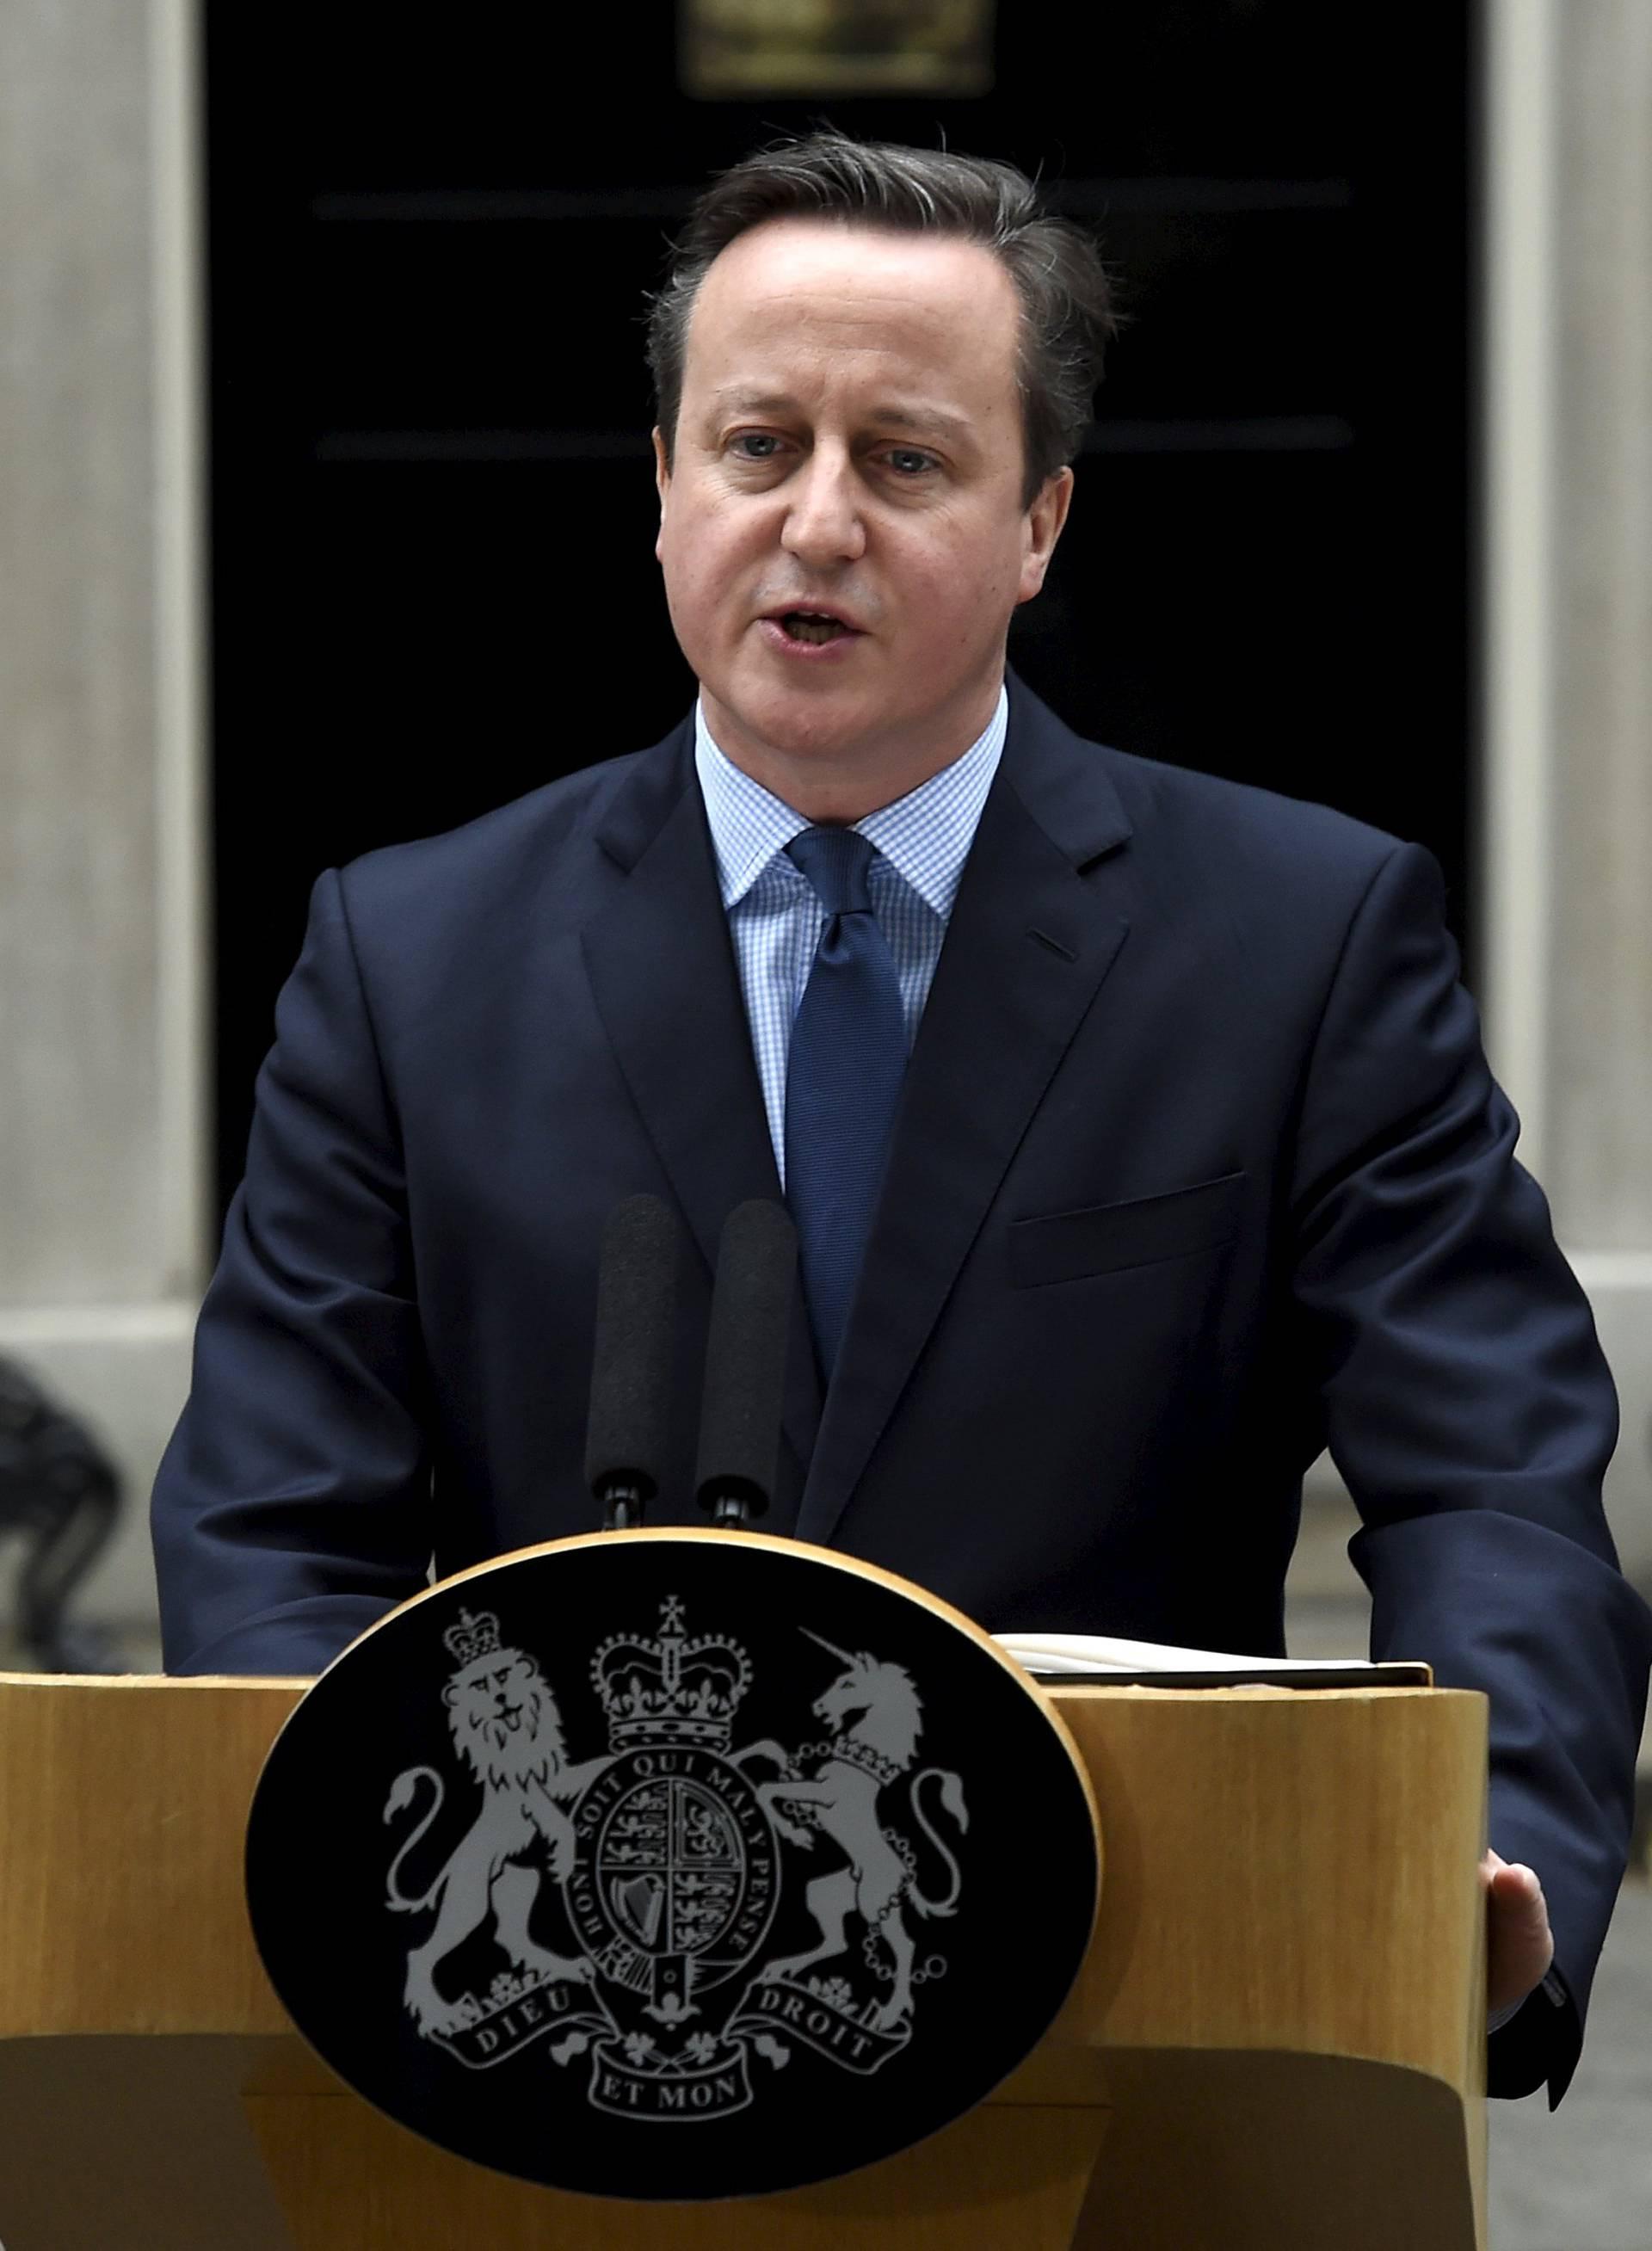 Cameron priznao da je  imao udjele u fondu na Bahamima